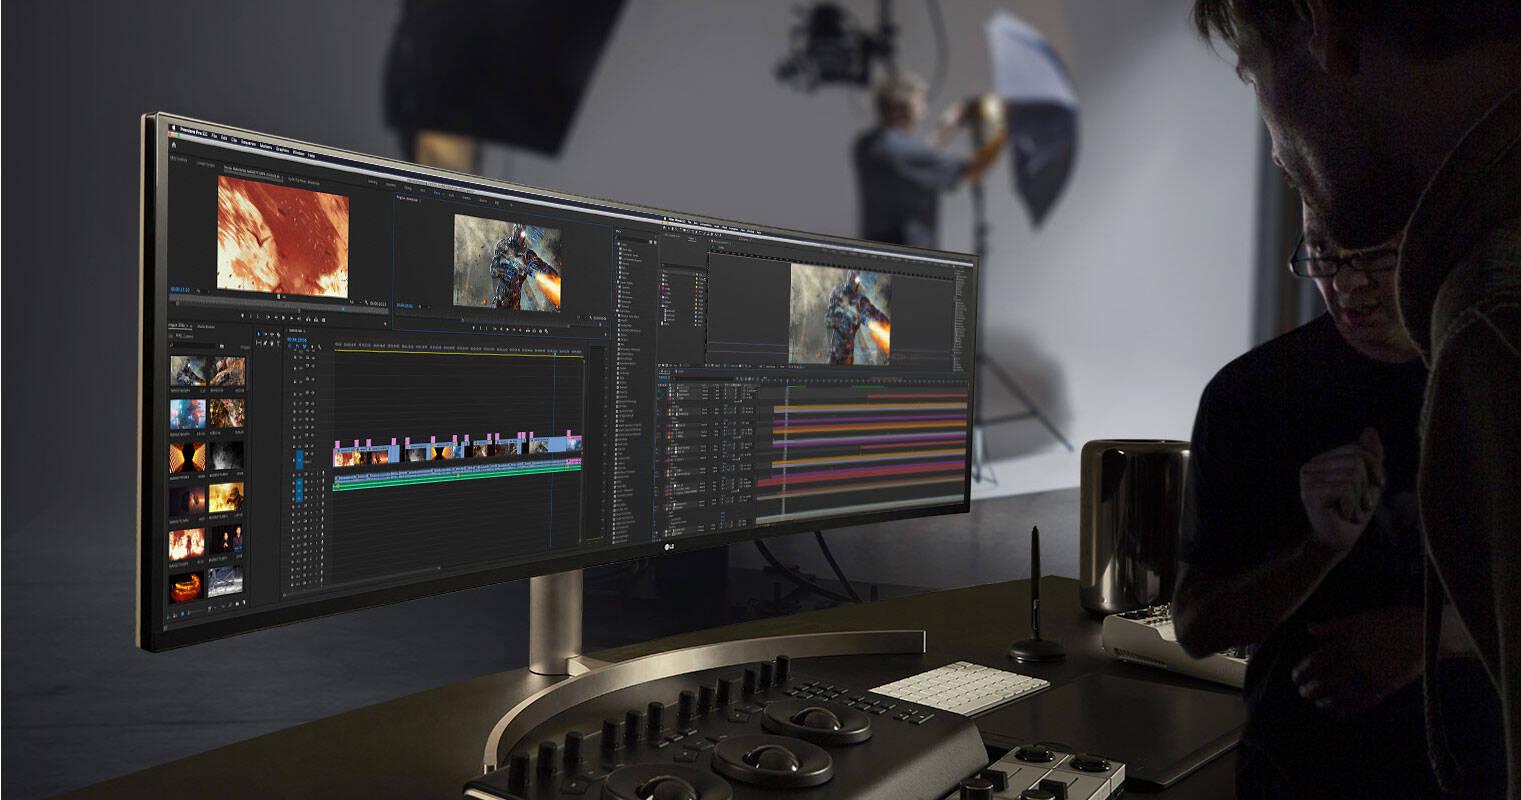 MNT-49WL95C-04-1-Motion-Content-Desktop